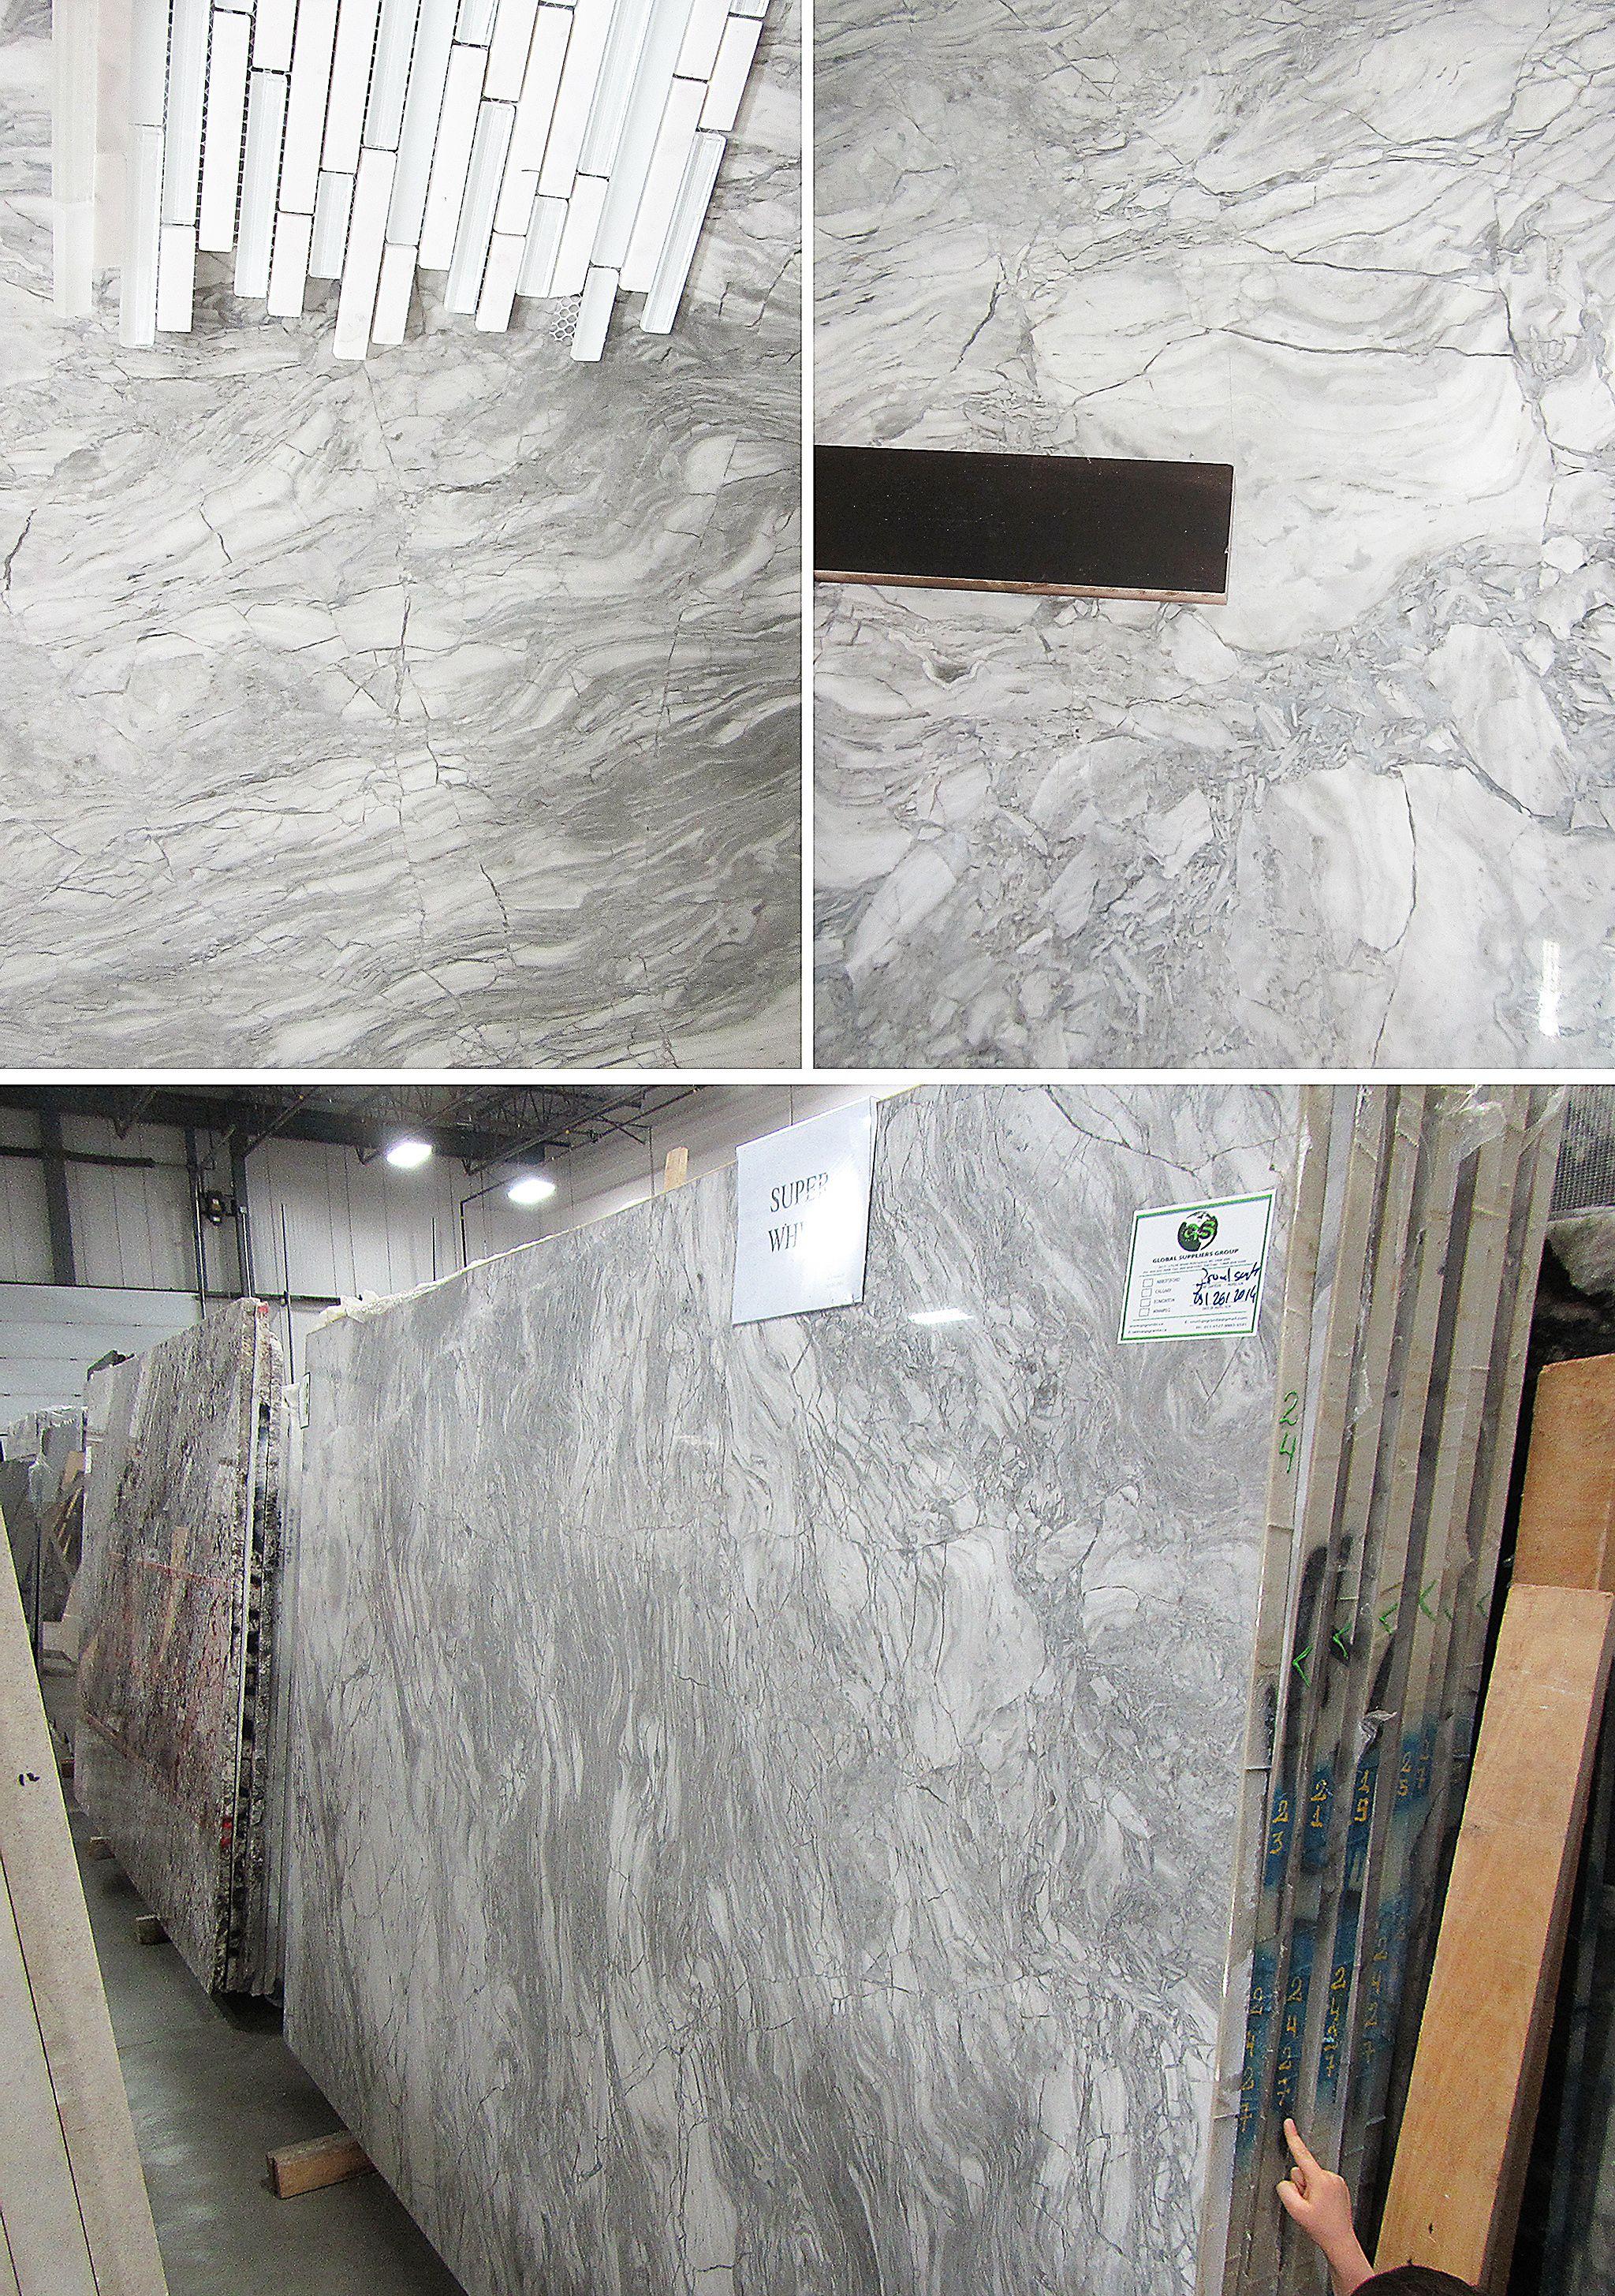 Ordinaire Superwhite Dolomite Countertops, Maple Espresso Cabinets, Marble/glass  Backsplash.